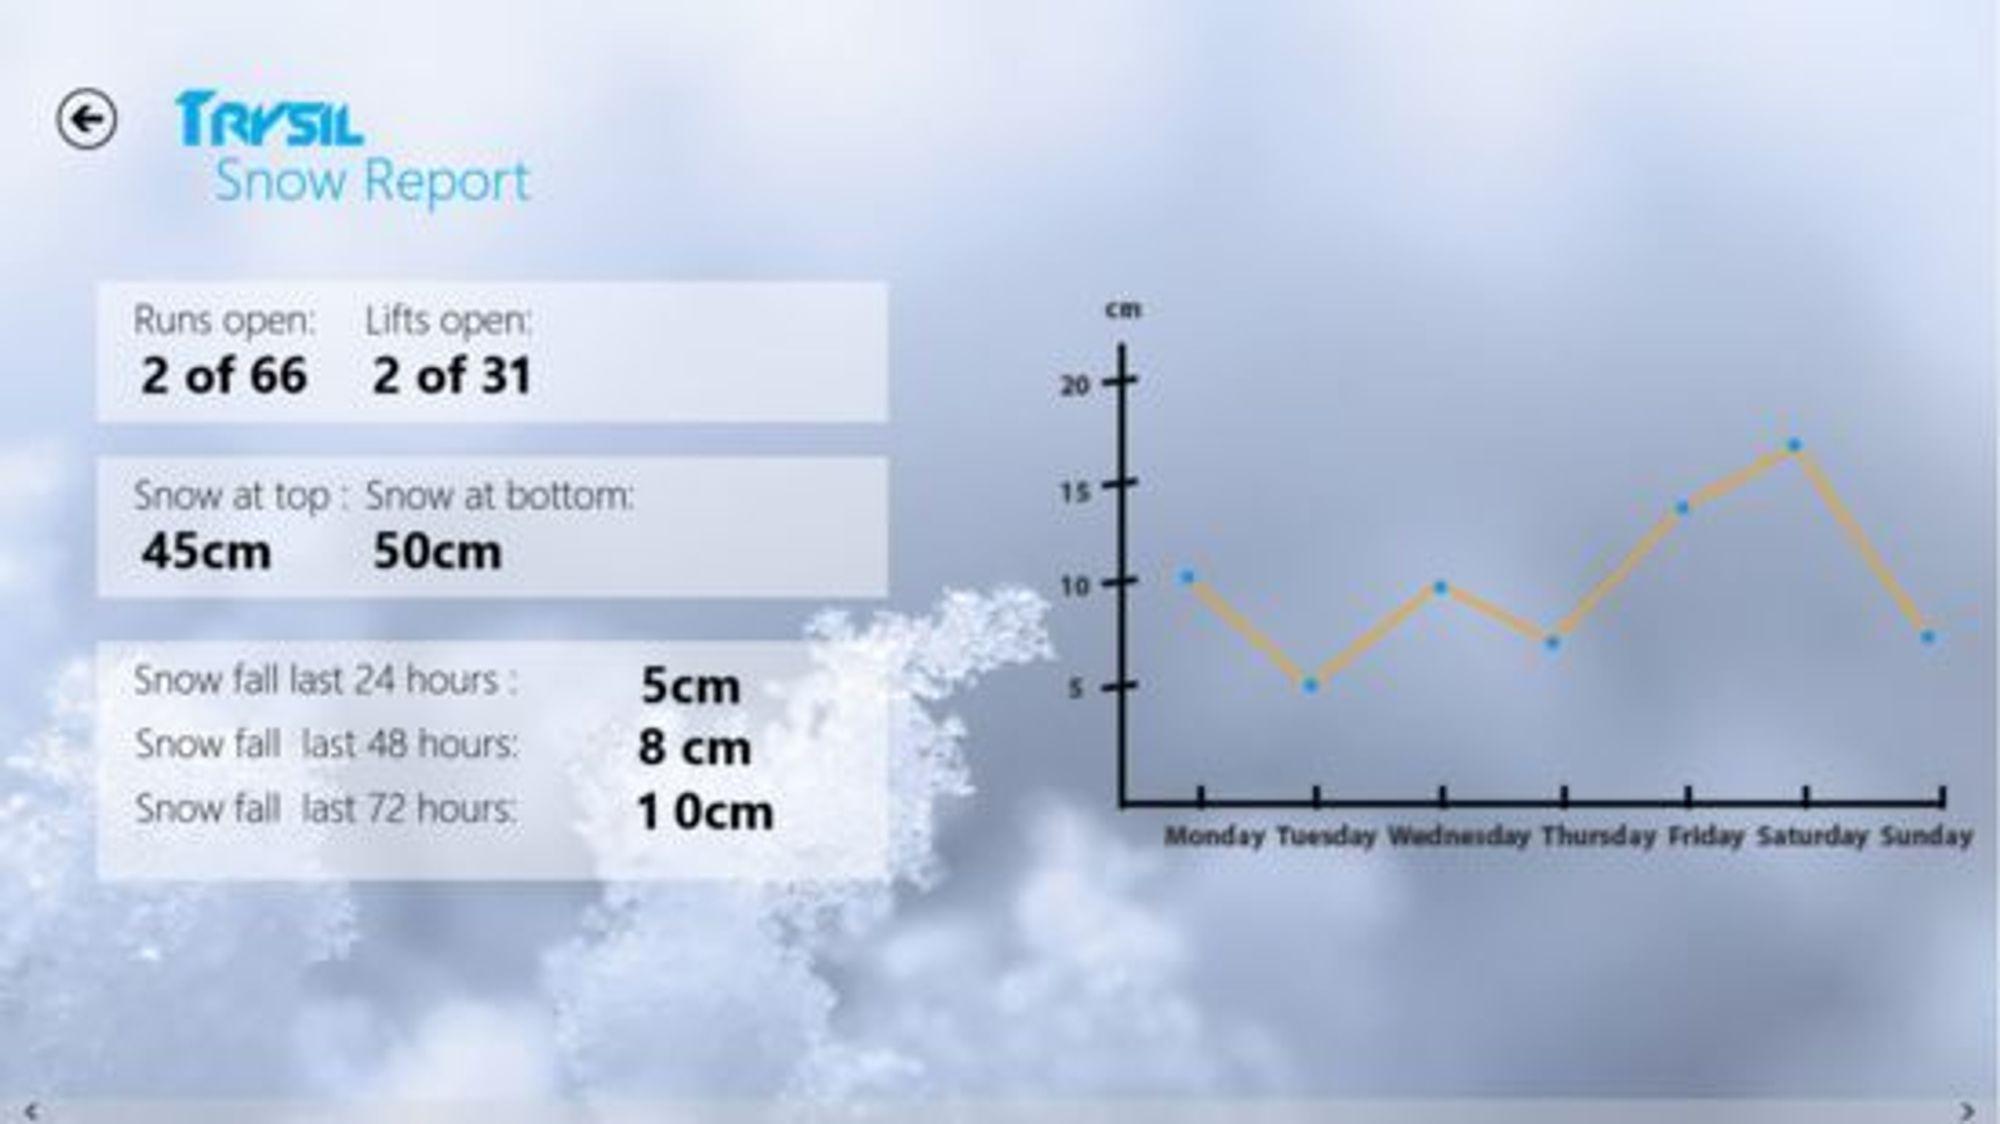 Snørapport fra Trysil slik den ser ut i applikasjonen Alpine Globe.